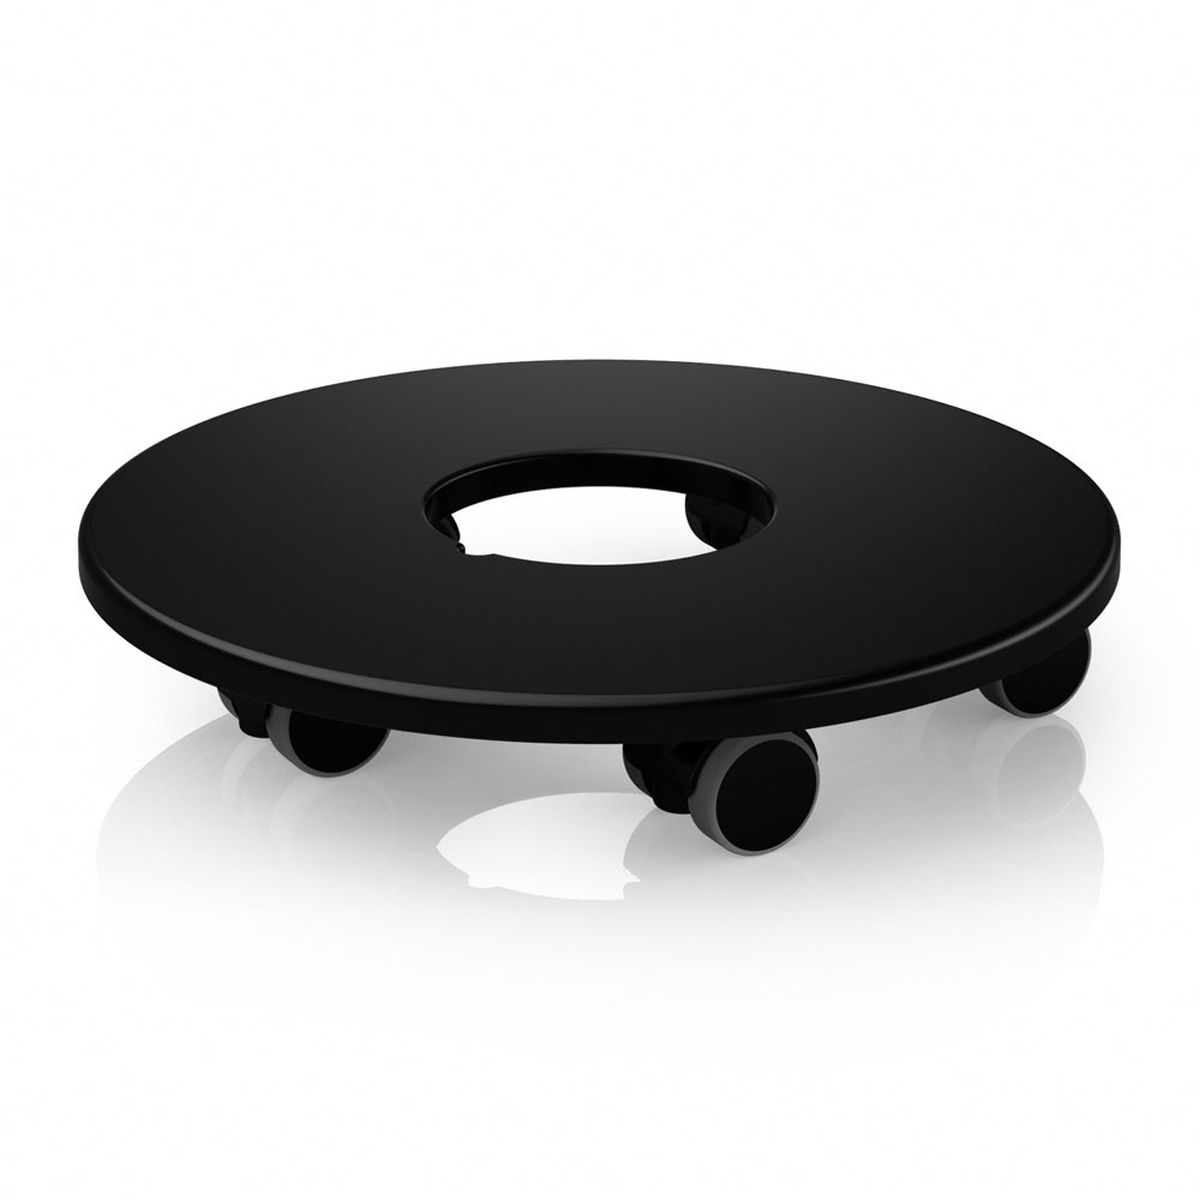 Подставка для кашпо Lechuza, на колесах, диаметр 25,5 смGA200-09_русакПодставка Lechuza, выполненная из высококачественного пластика, предназначено для кашпо из серий Classico и Quadro. Изделие оснащено пятью прорезиненными колесами. Такая подставка обеспечивает объемным и тяжелым кашпо мобильность во всех направлениях. С помощью передвижной подставки Lechuza, вы сможете озеленить любой уголок в доме, офисе, на даче или любых общественных местах.Диаметр поставки: 25,5 см.Внутренний диаметр: 10 см.